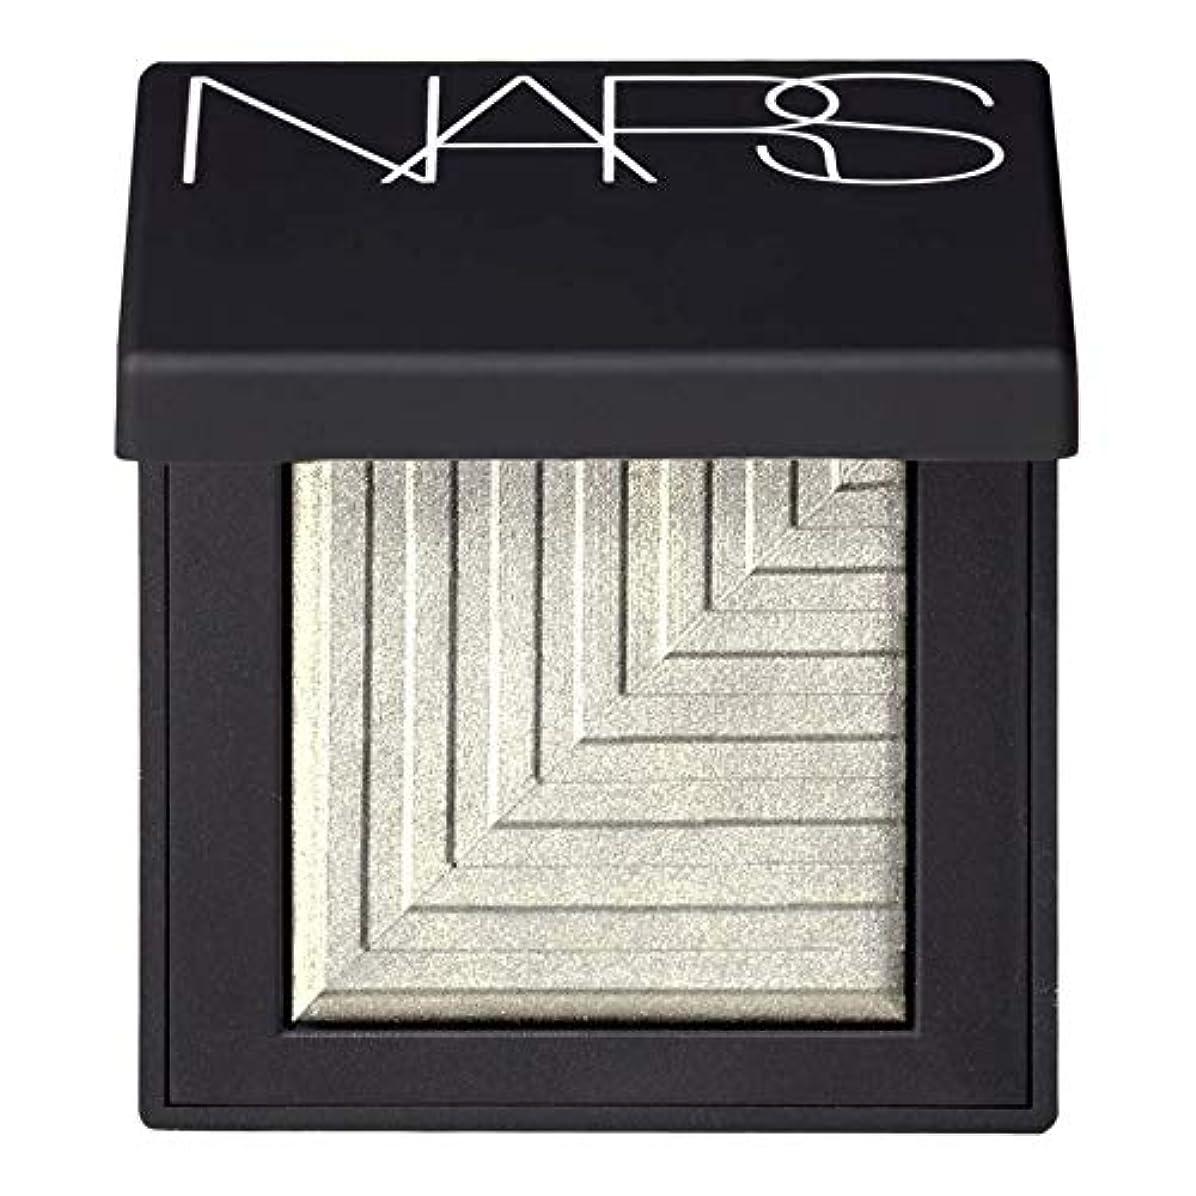 アカデミーつらいプロテスタント[NARS] Narはデュアル強度アイシャドウアンタレス - Nars Dual Intensity Eyeshadow Antares [並行輸入品]